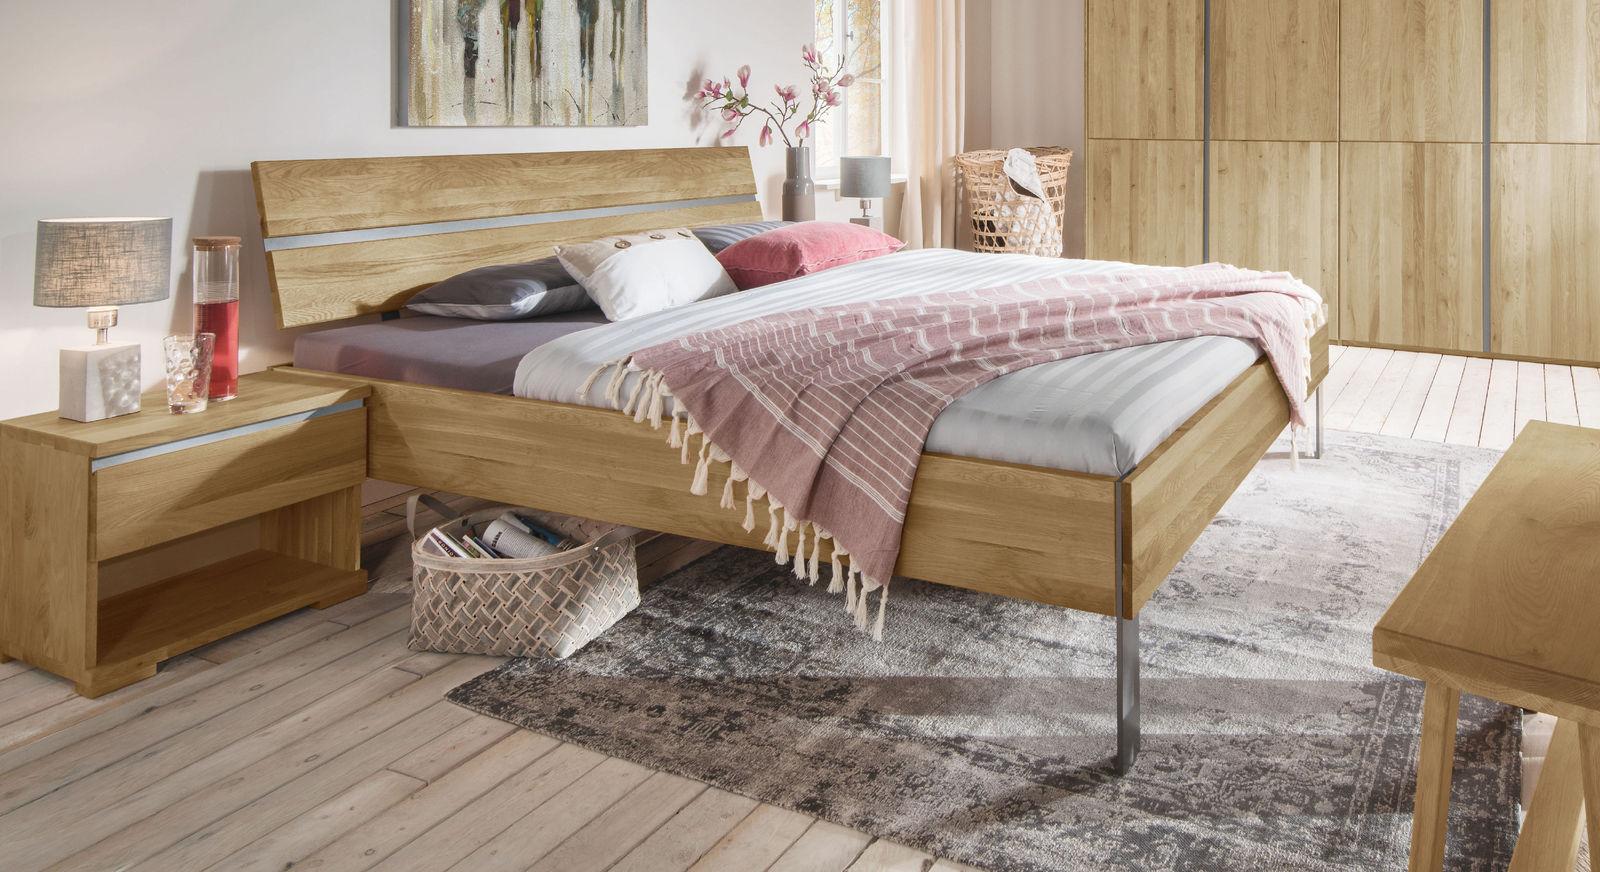 Massives Bett Nidau auch für Roll-Lattenroste geeignet